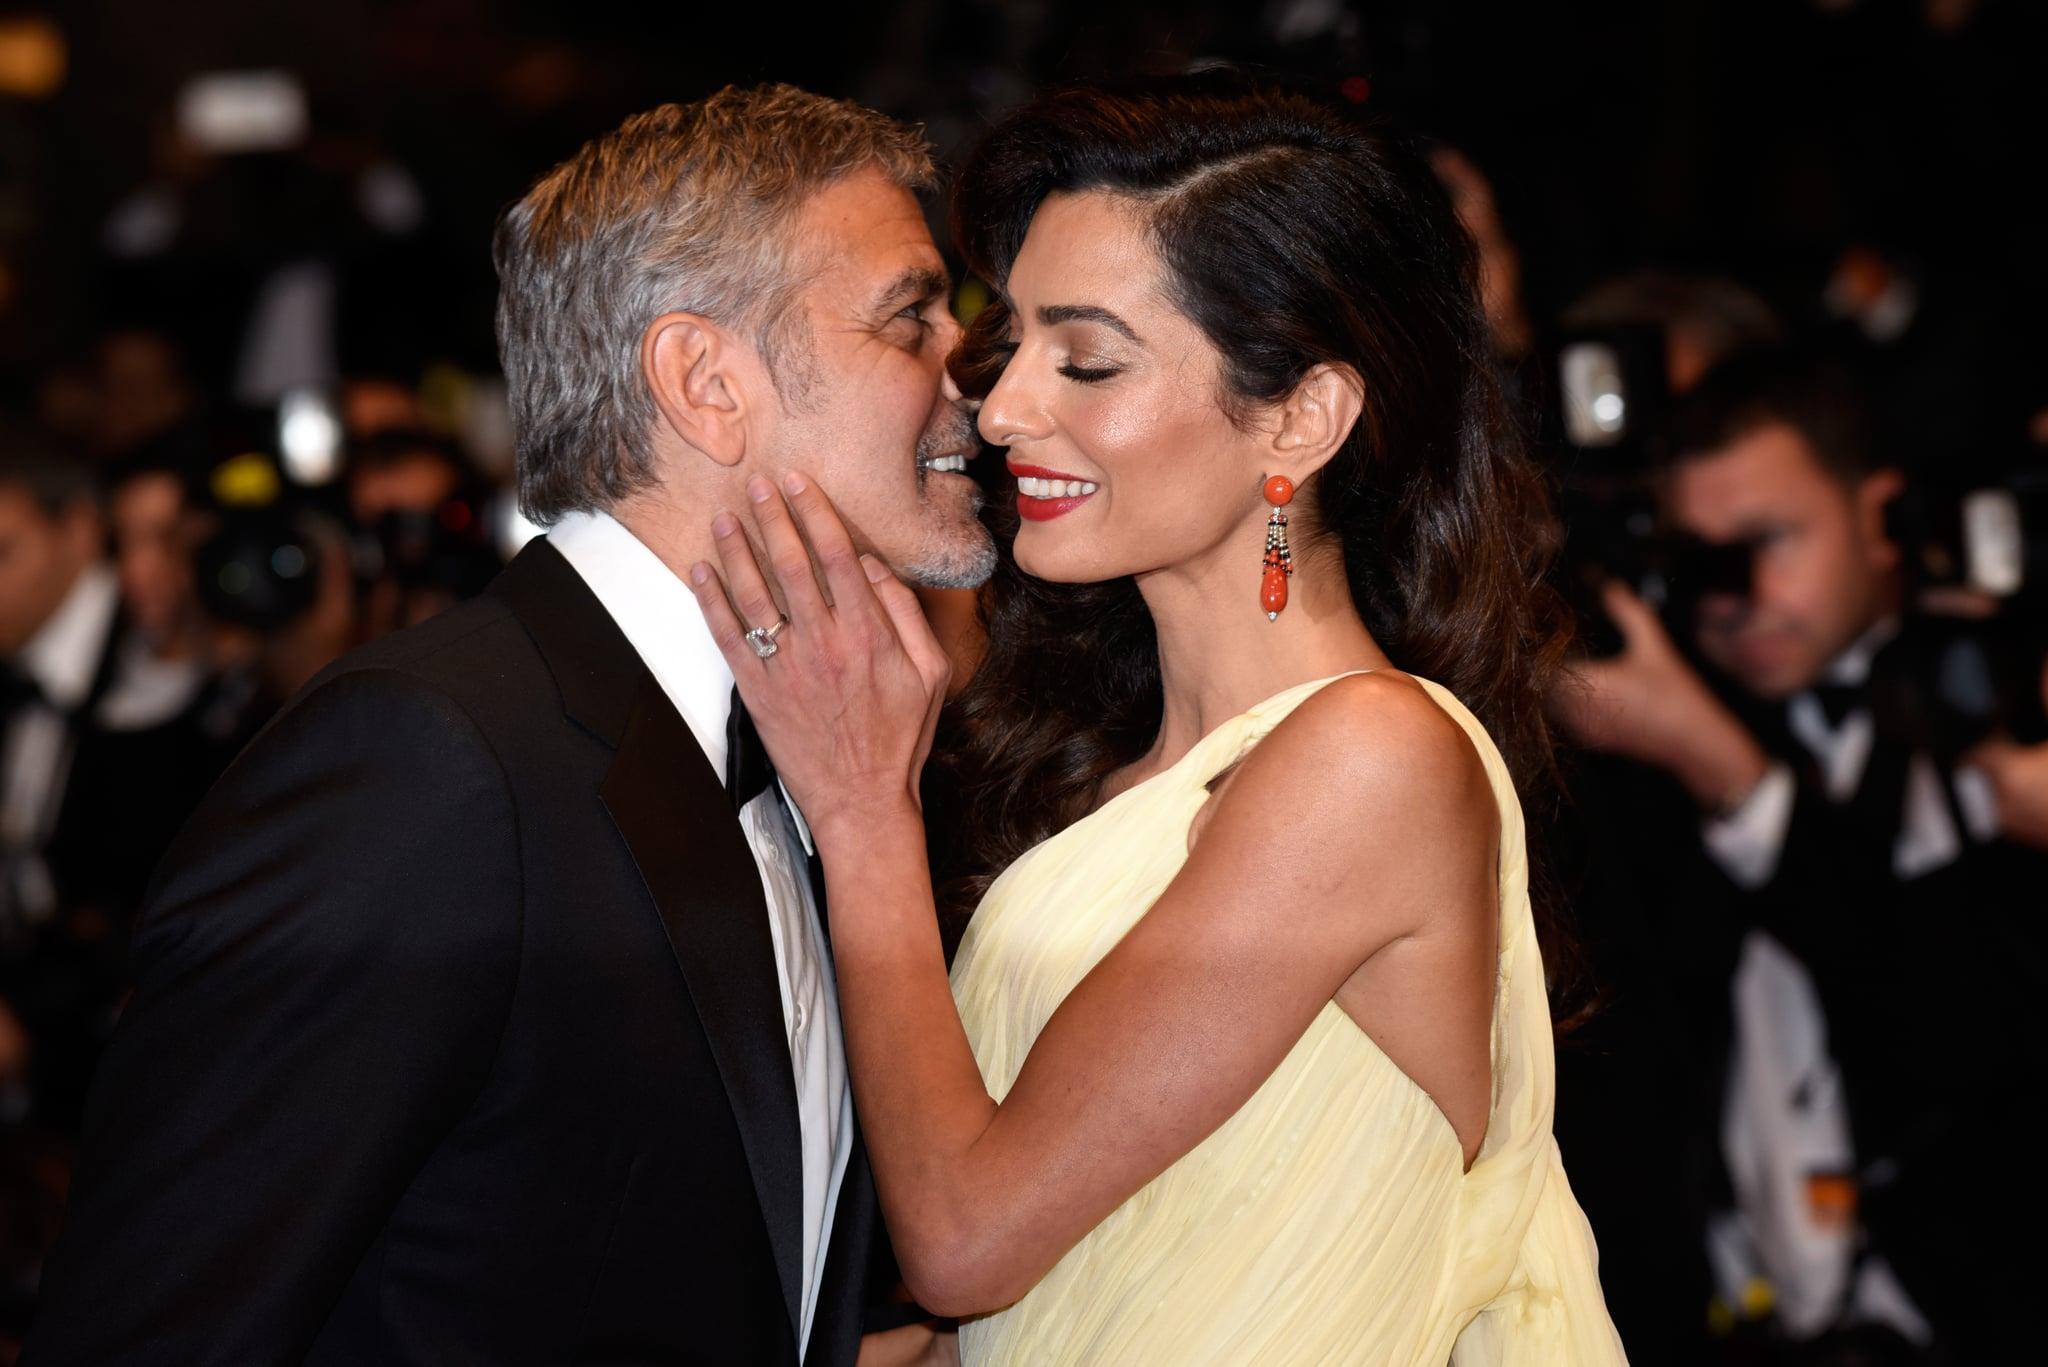 George dhe Amal Clooney hedhin poshtë thashethemet se do të bëhen sërish prindër